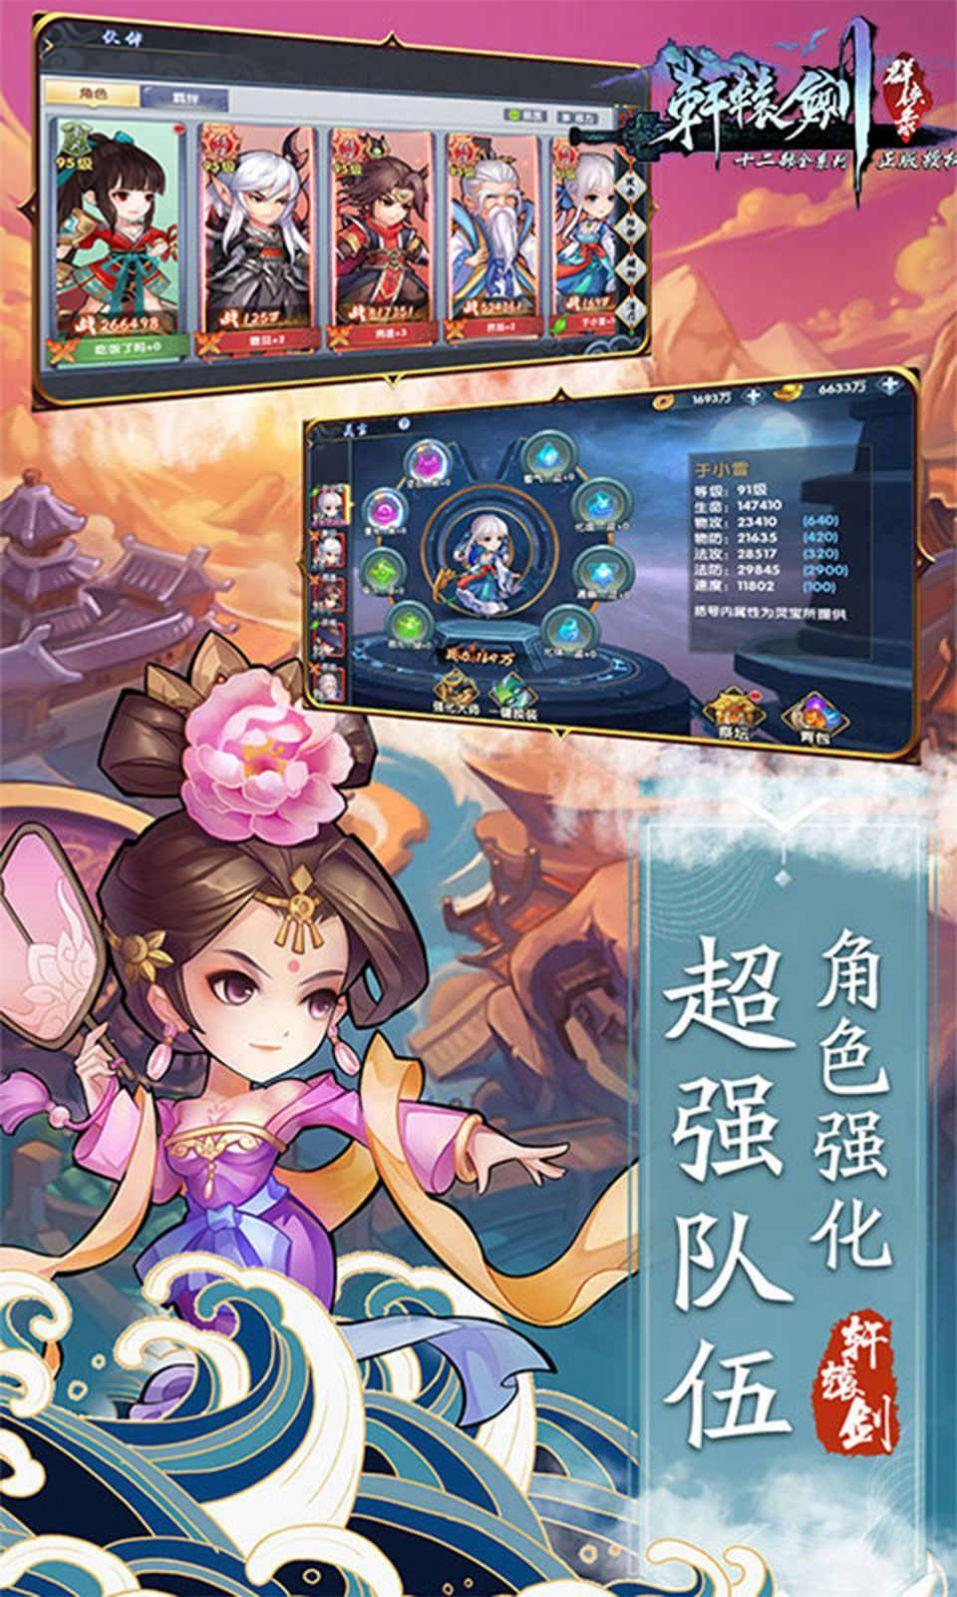 轩辕幻剑录手游截图1